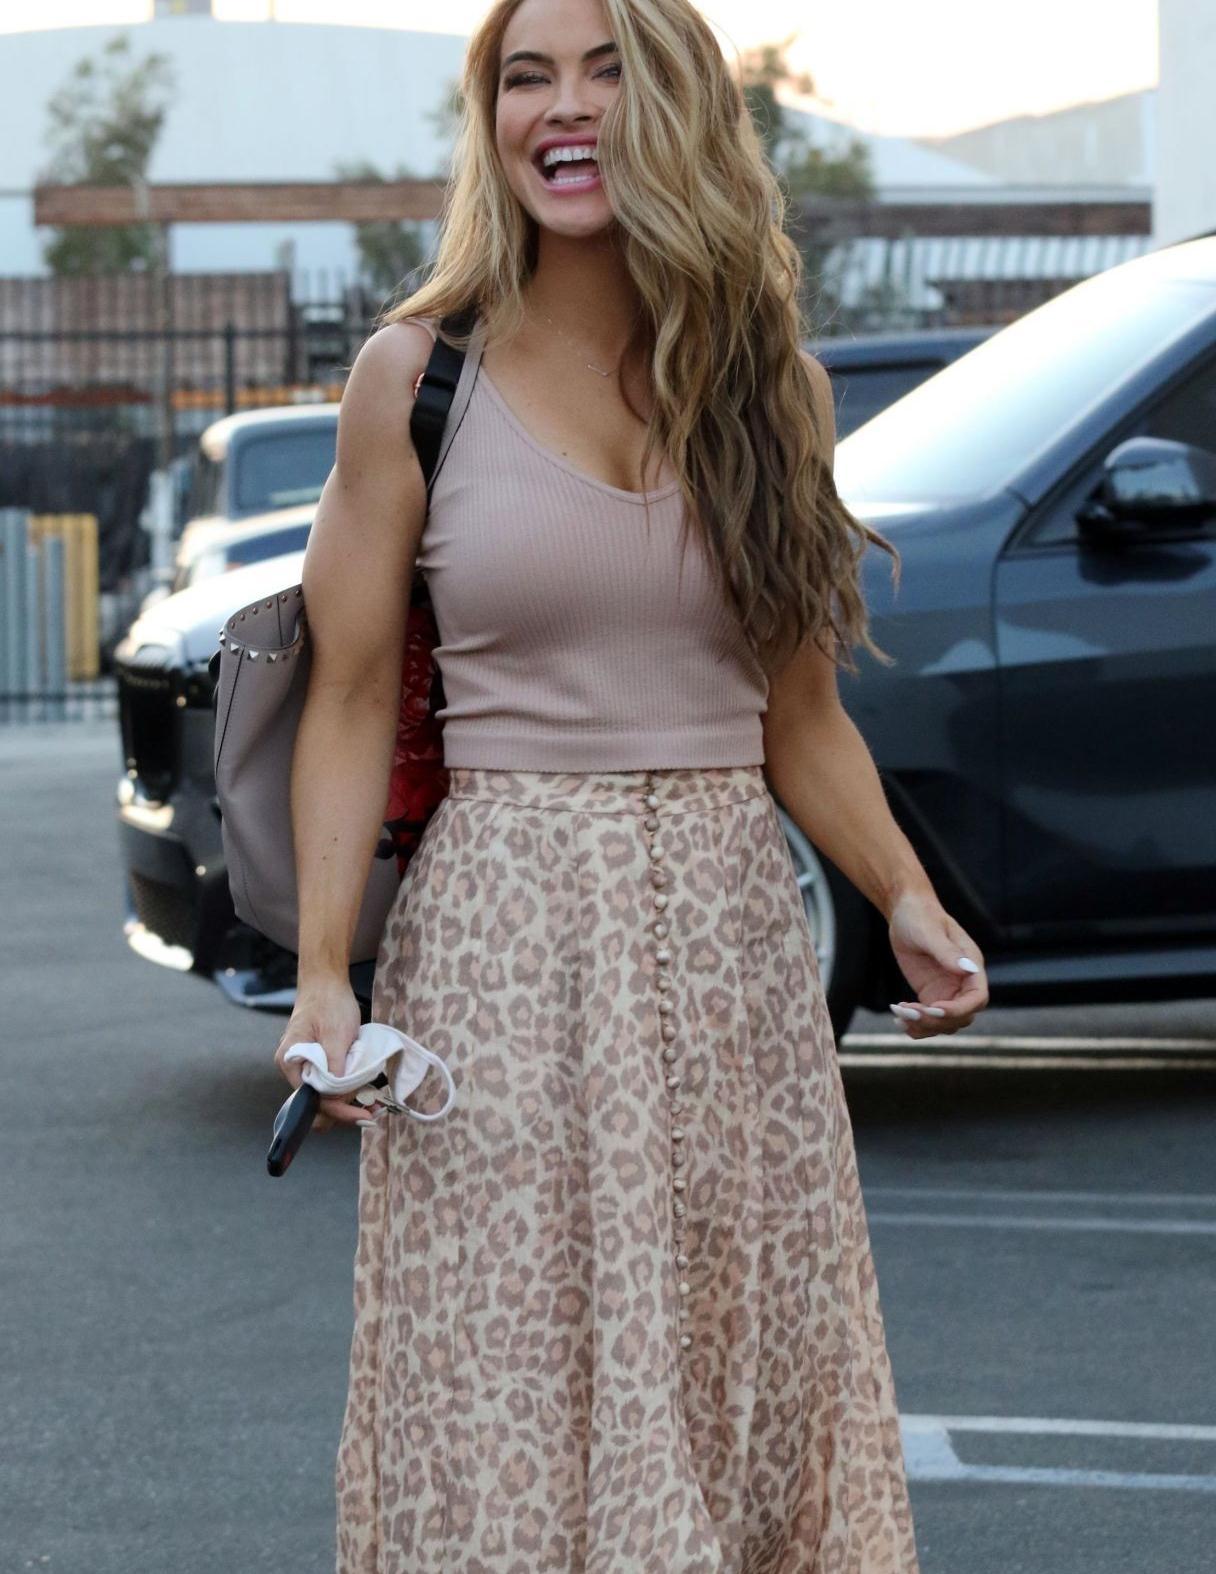 克里斯尔·斯塔休斯一袭印花美裙清新靓丽,卷发披肩魅力迷人